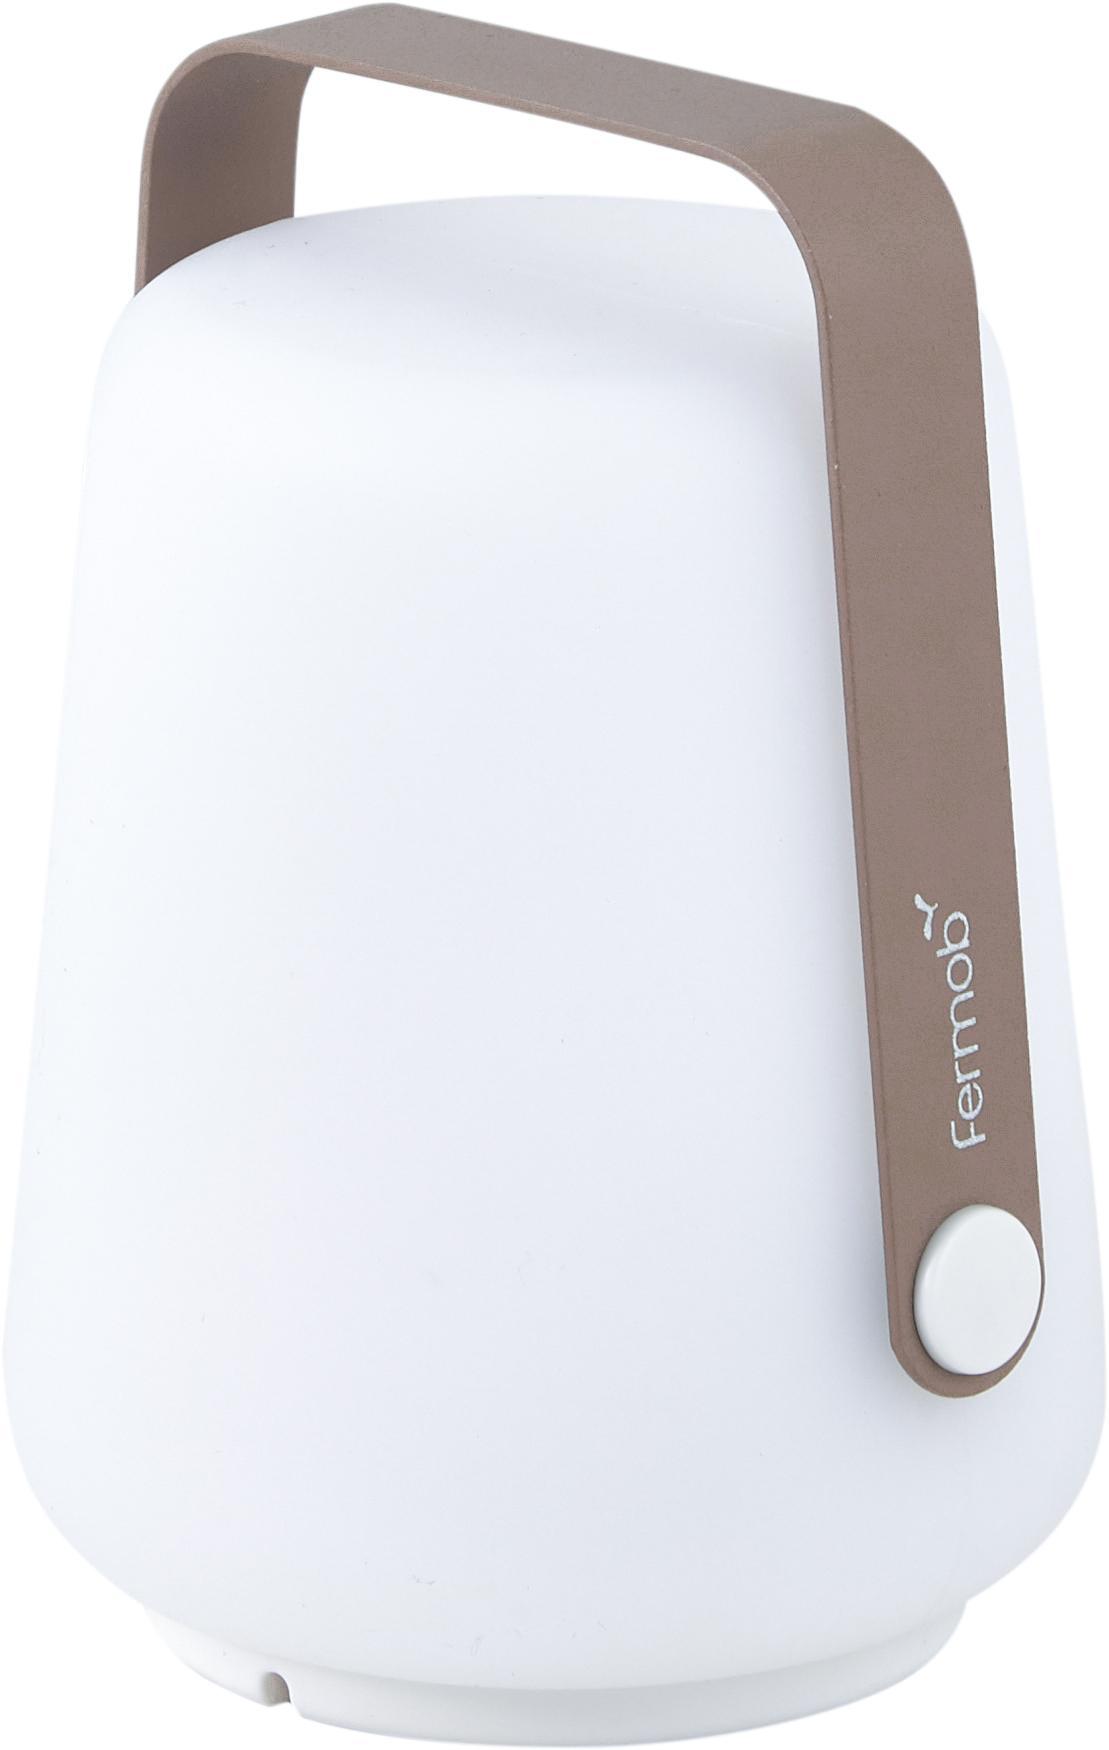 Lampada portatile a LED da esterno Balad 3 pz, Paralume: polietilene, Manico: alluminio verniciato, Marrone moscato, Ø 10 x Alt. 13 cm